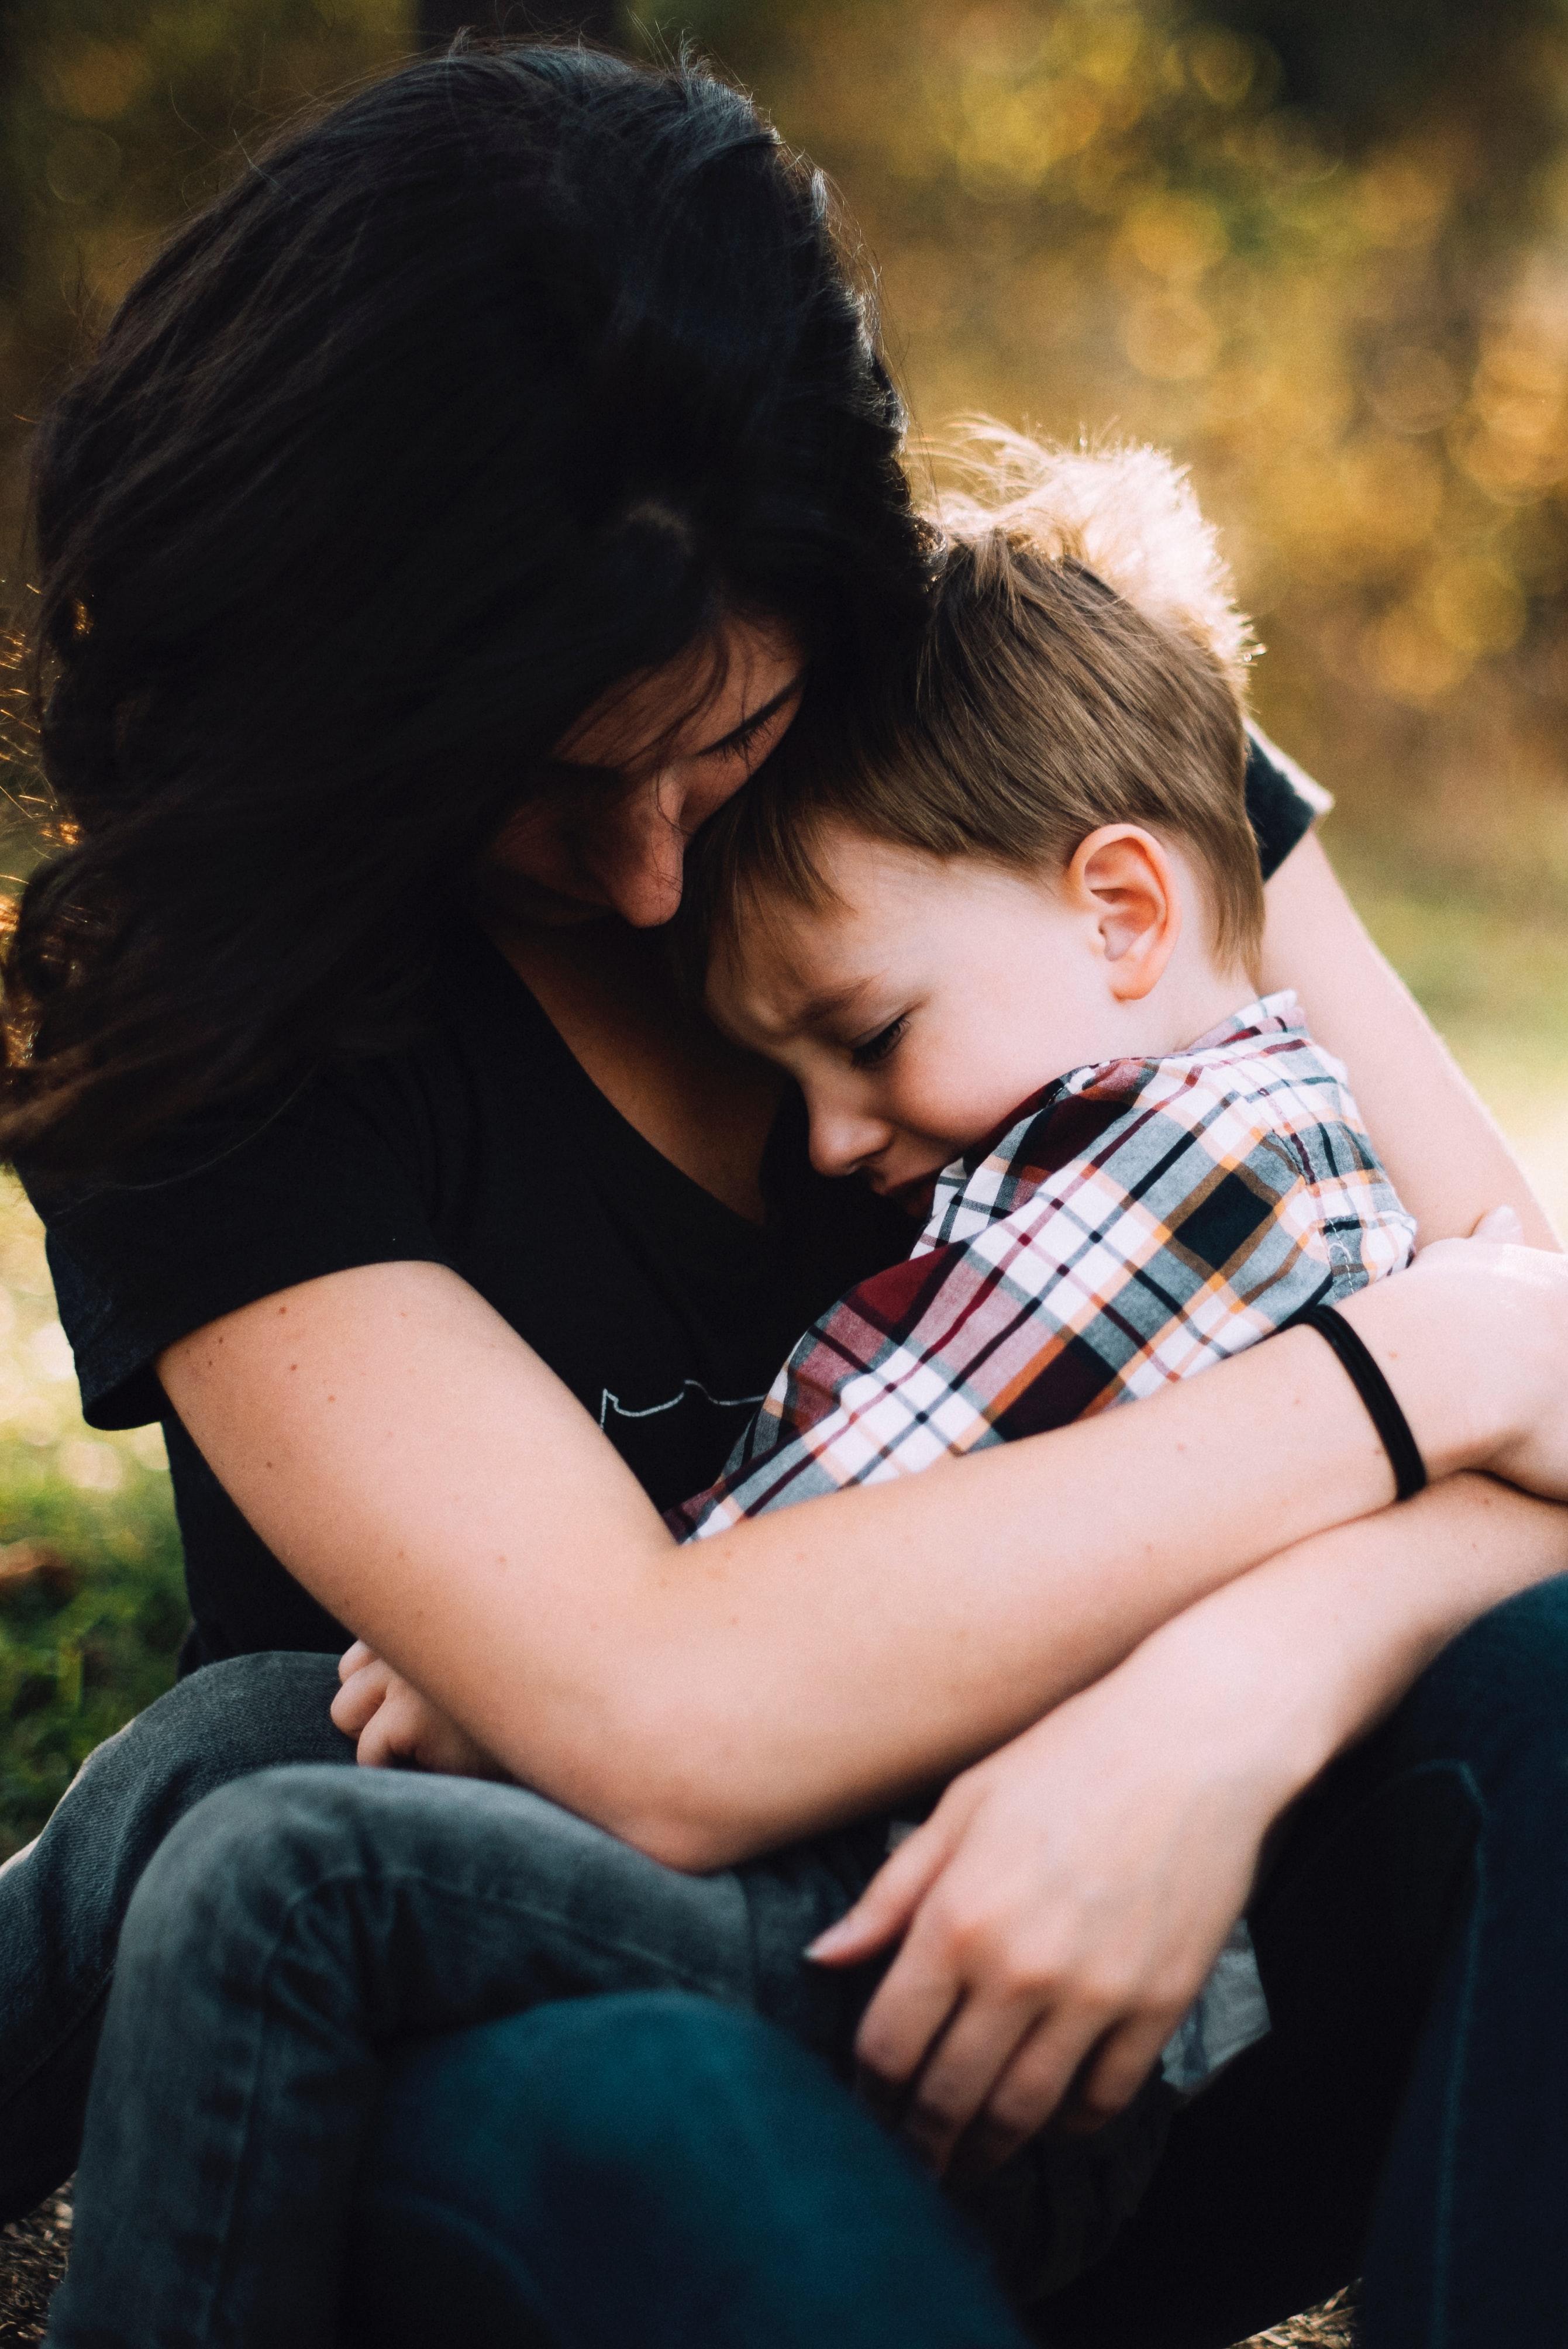 The Parent Signal